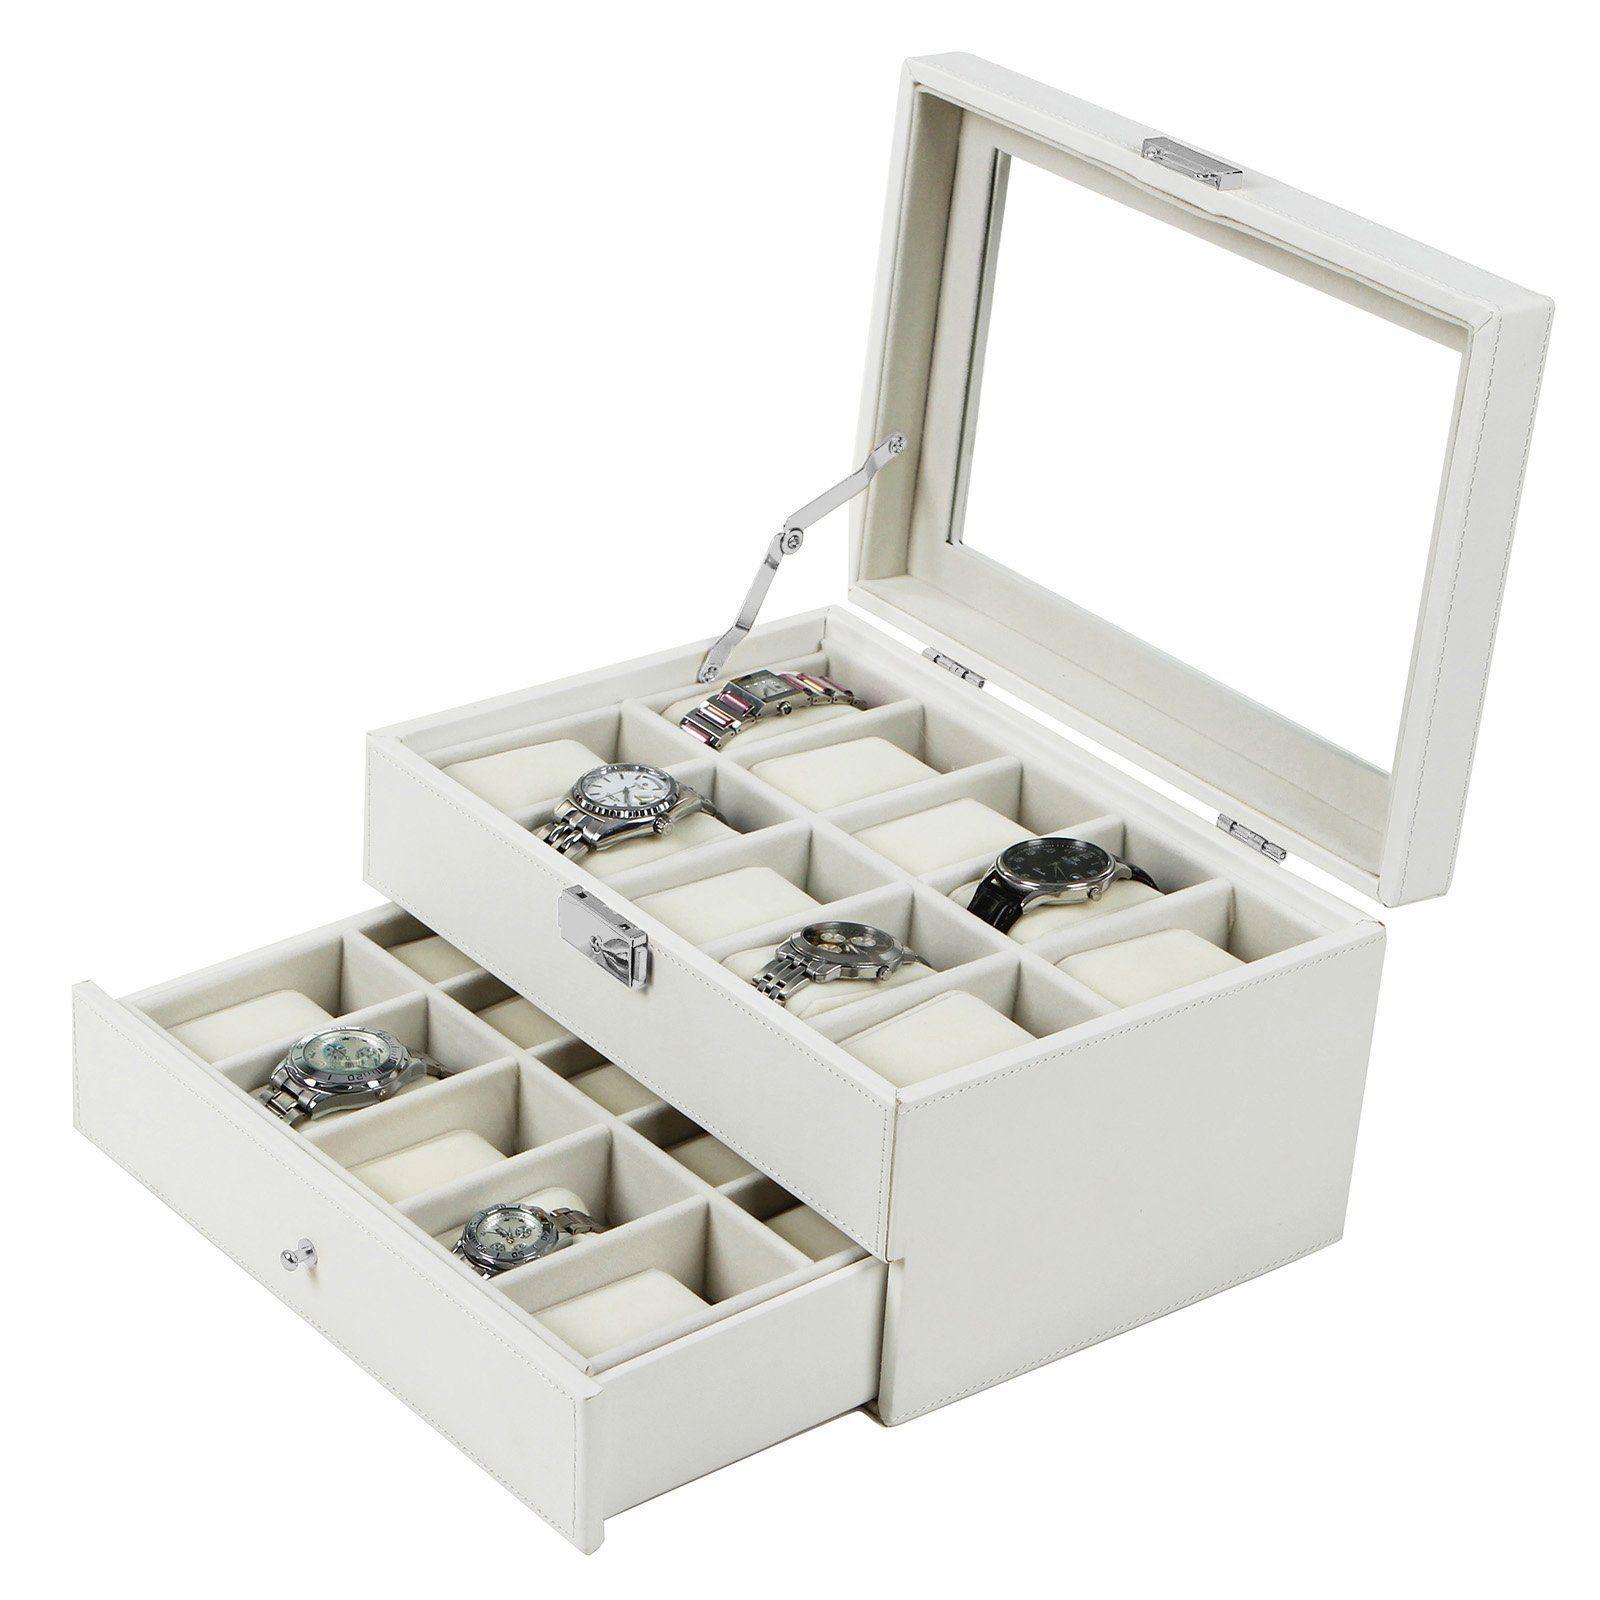 Songmics caja para 20 de relojes joyer a soporte de - Vitrinas para miniaturas ...